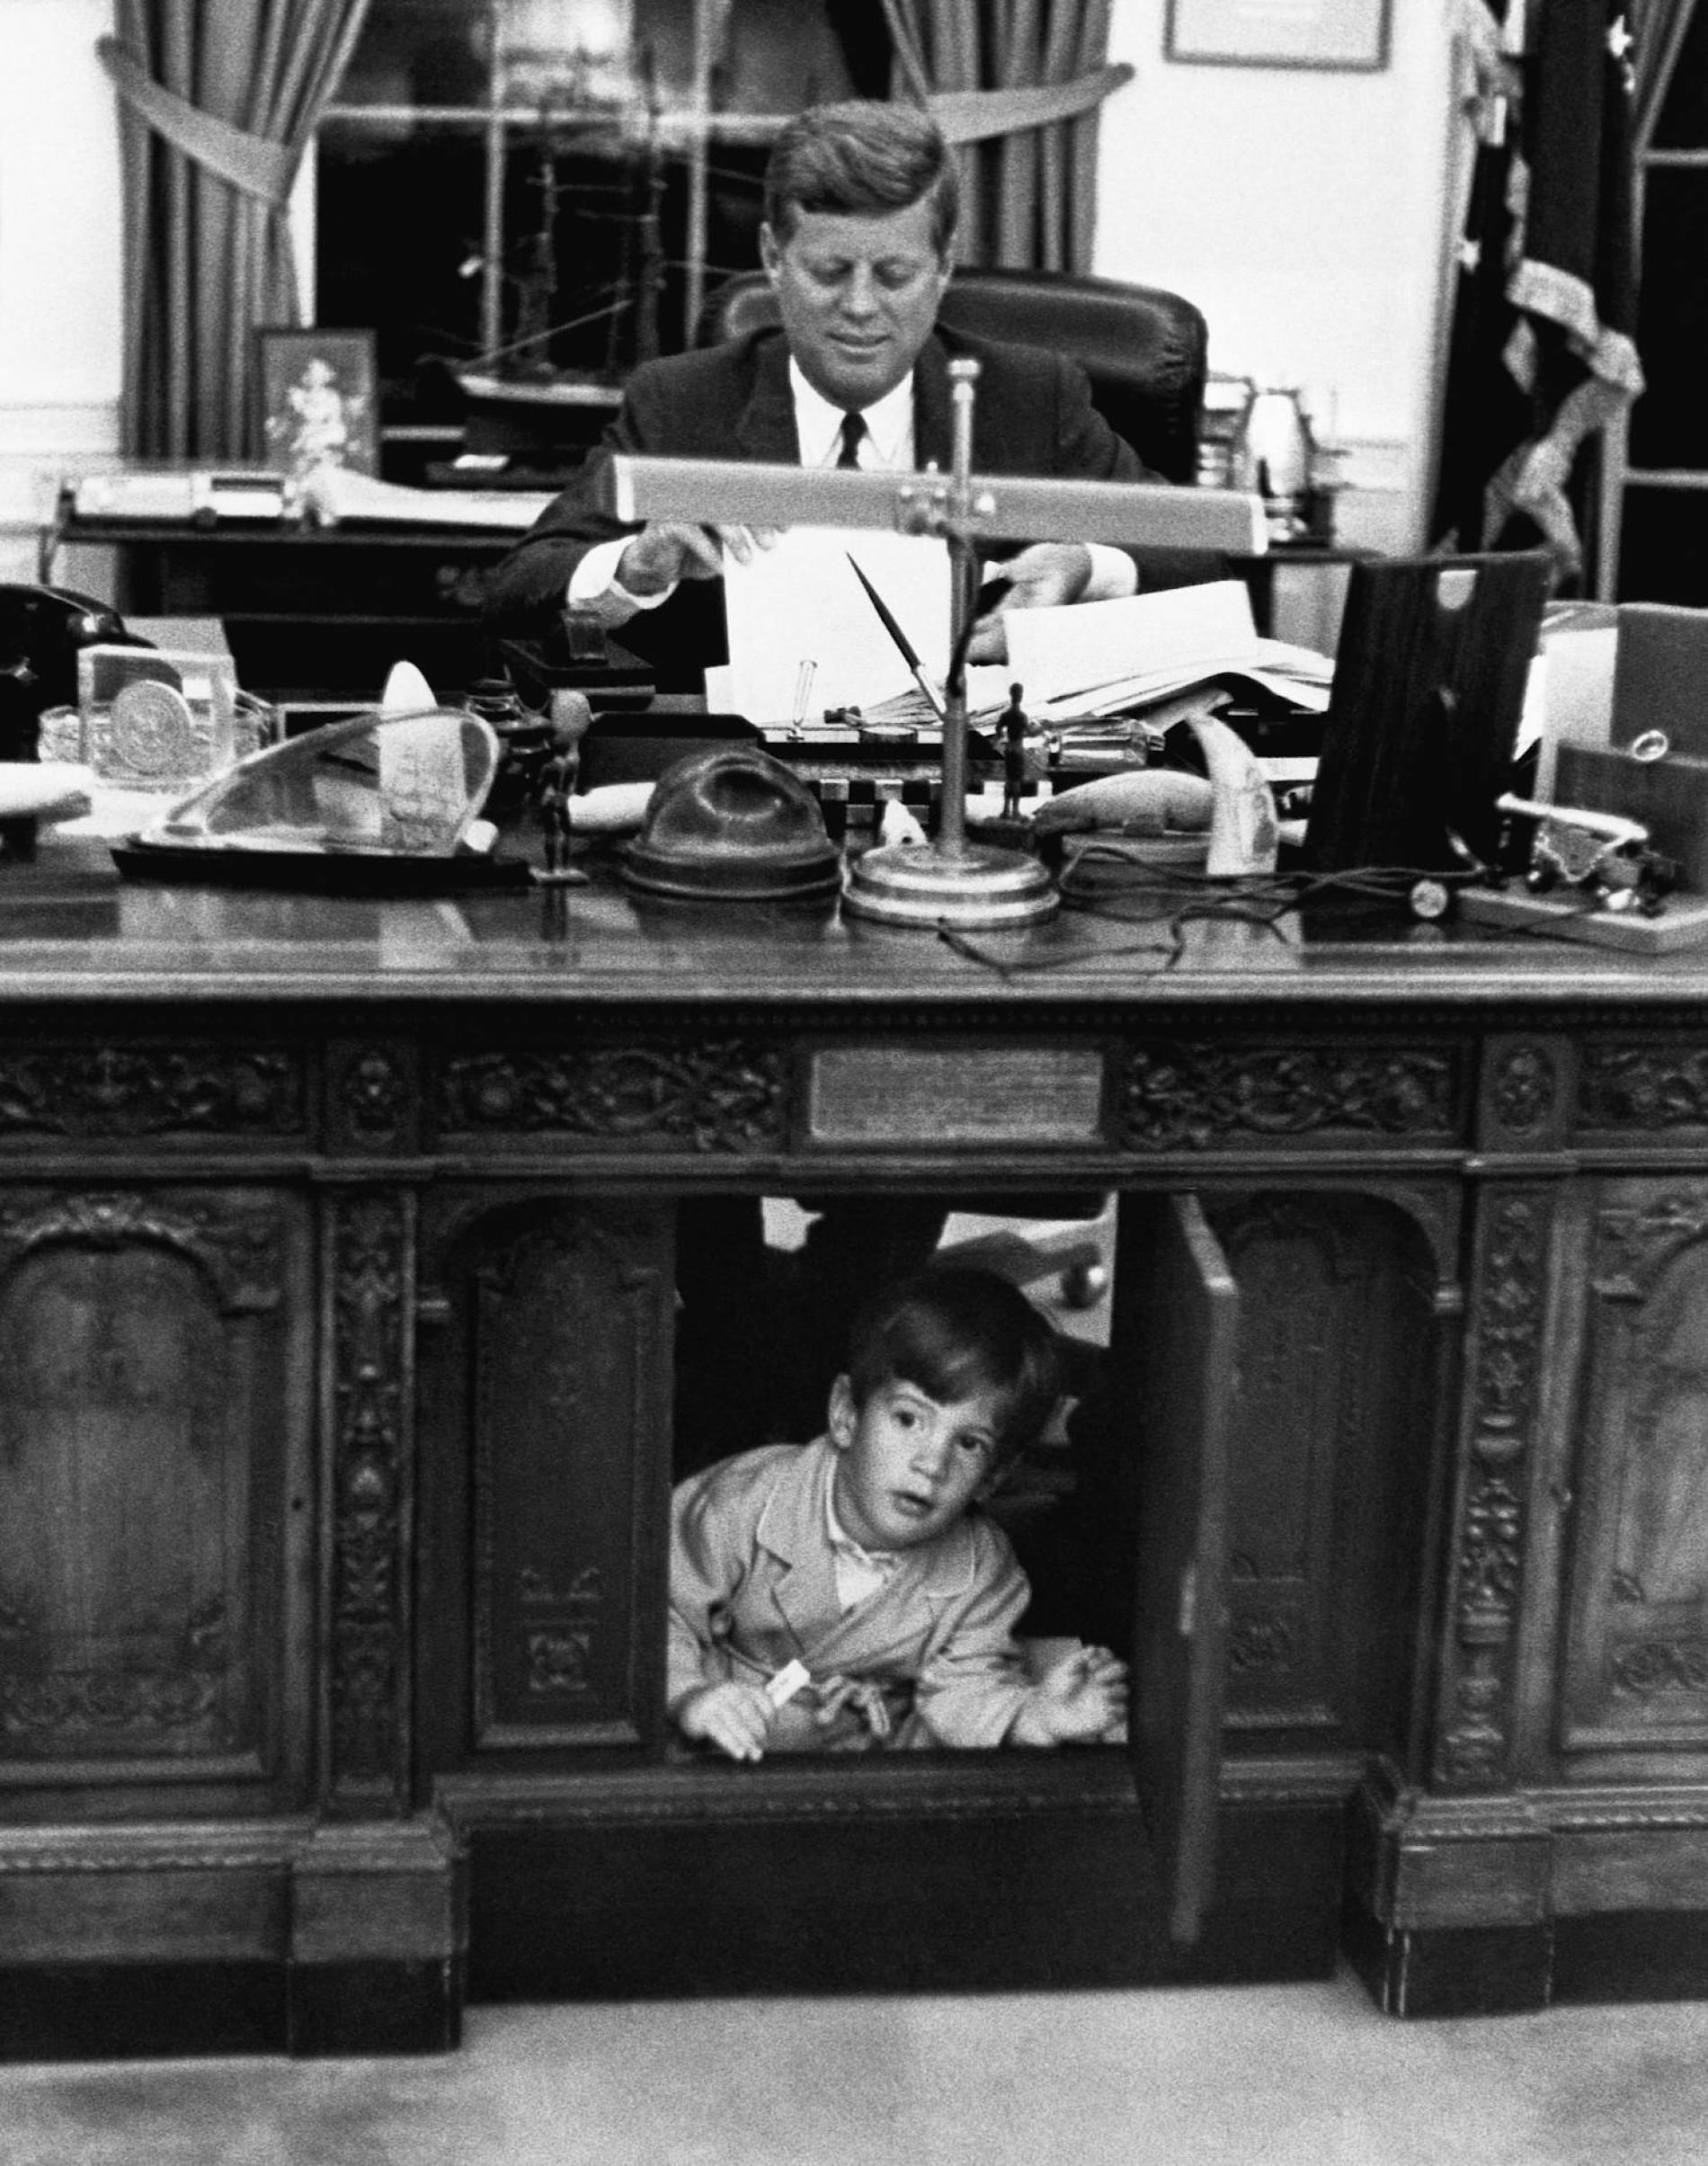 Weisses Haus Oval Office Das Beruhmteste Home Office Der Welt